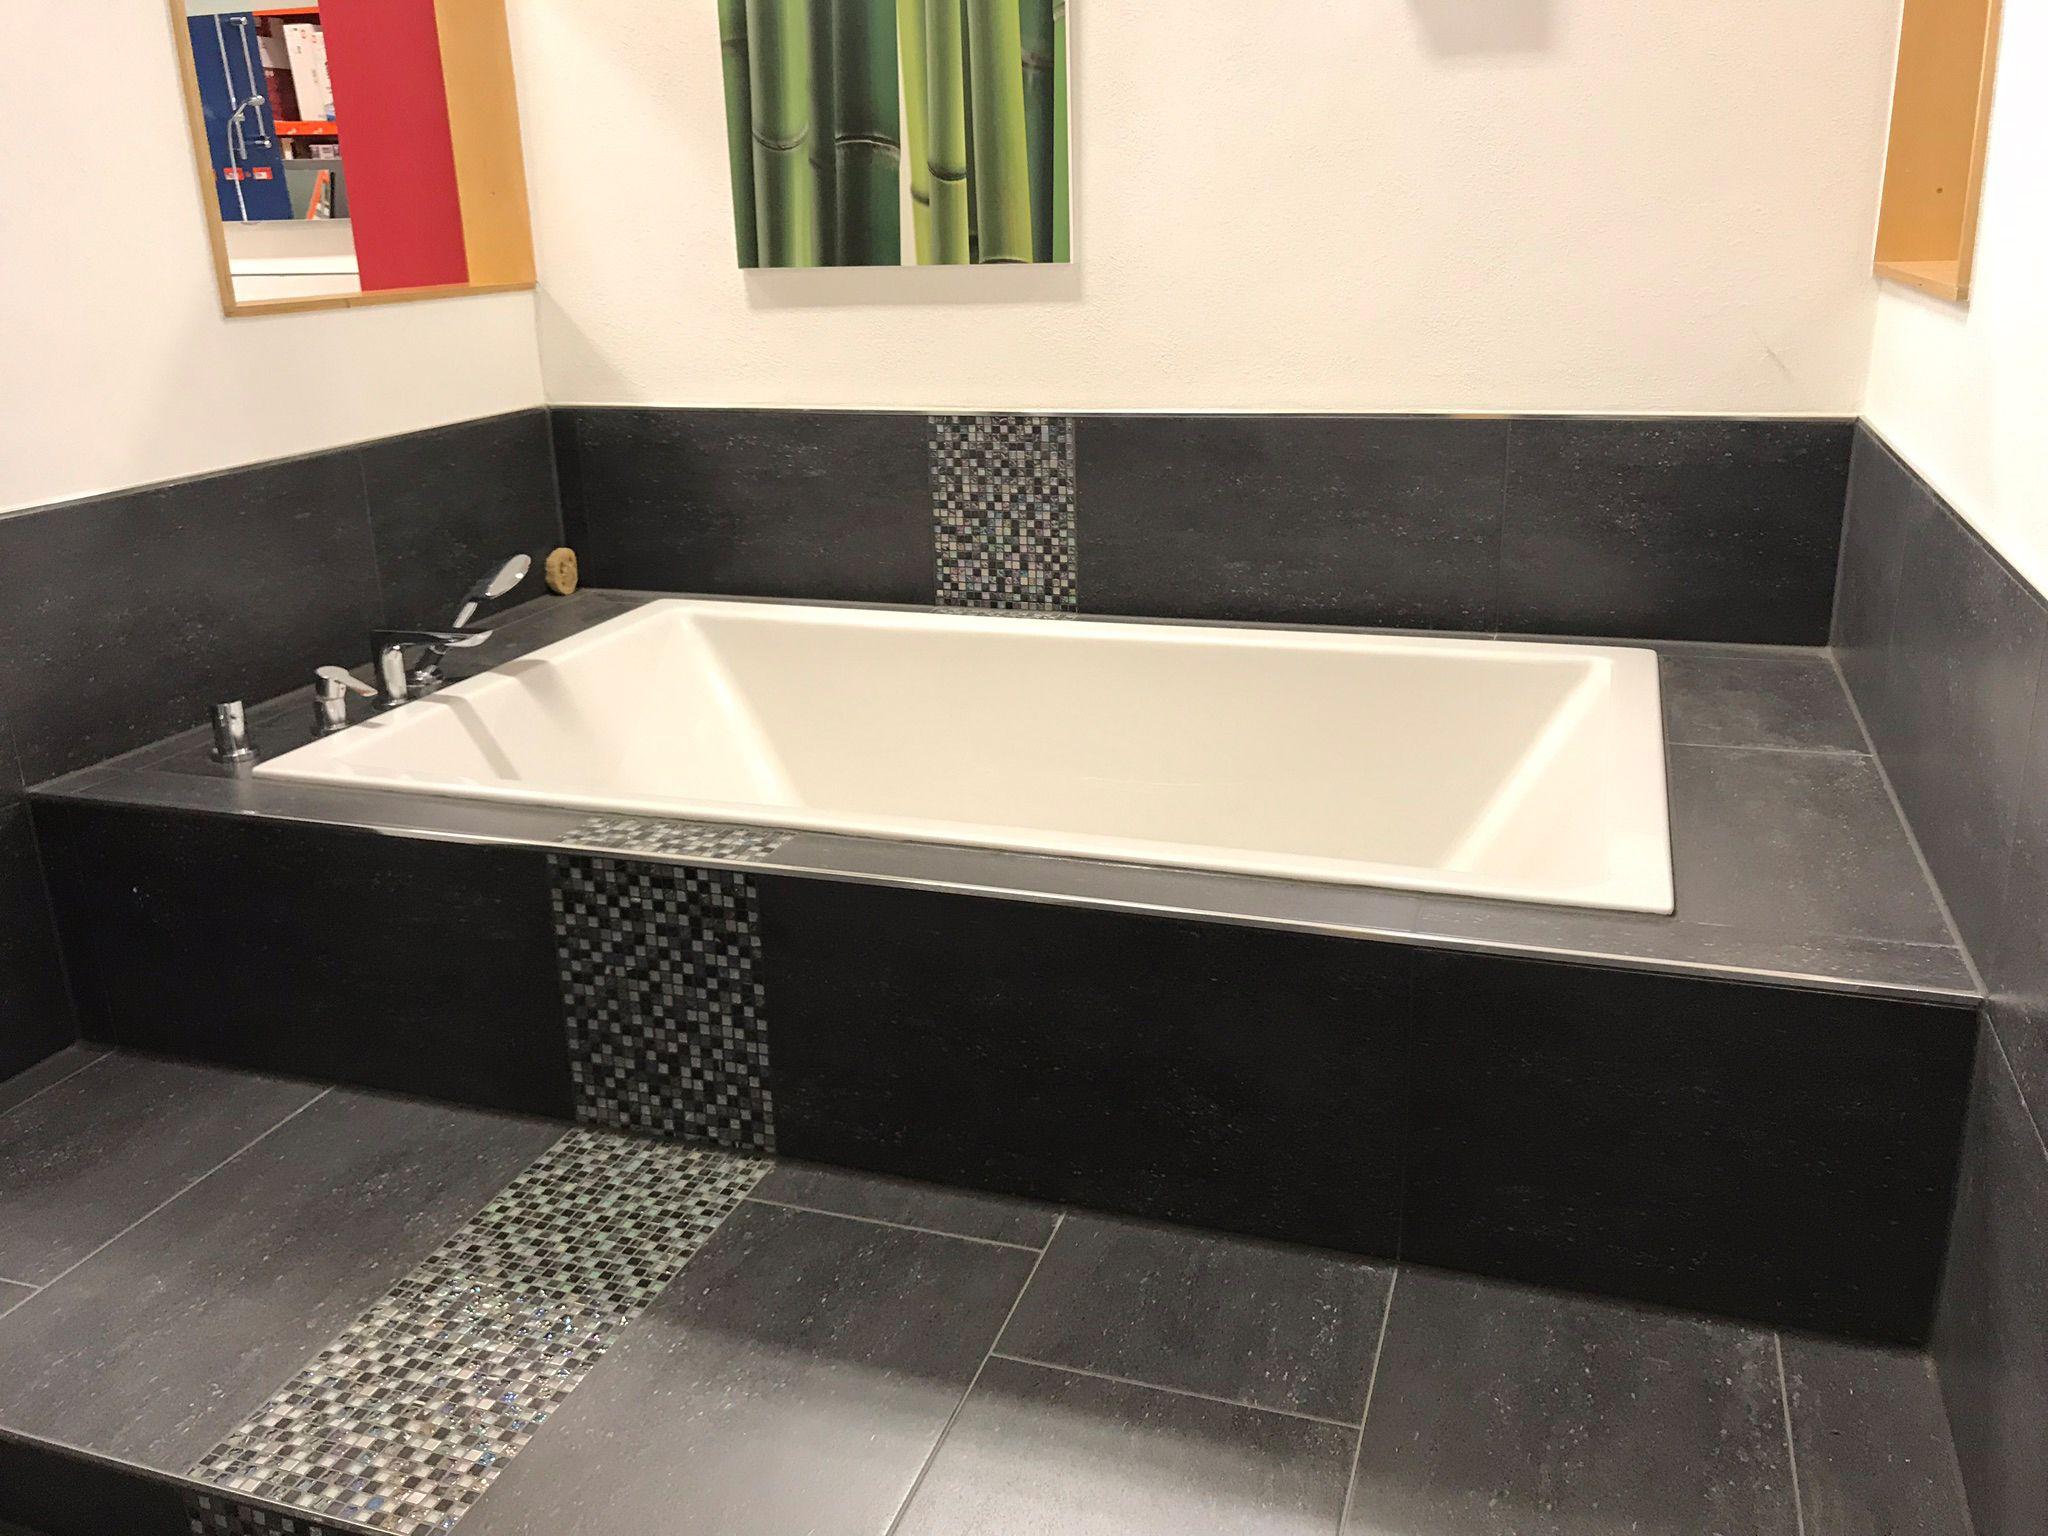 Badewanne In Anthrazit Auf Mehreren Ebenen Badewannenreparatur Badezimmerideen Wanne